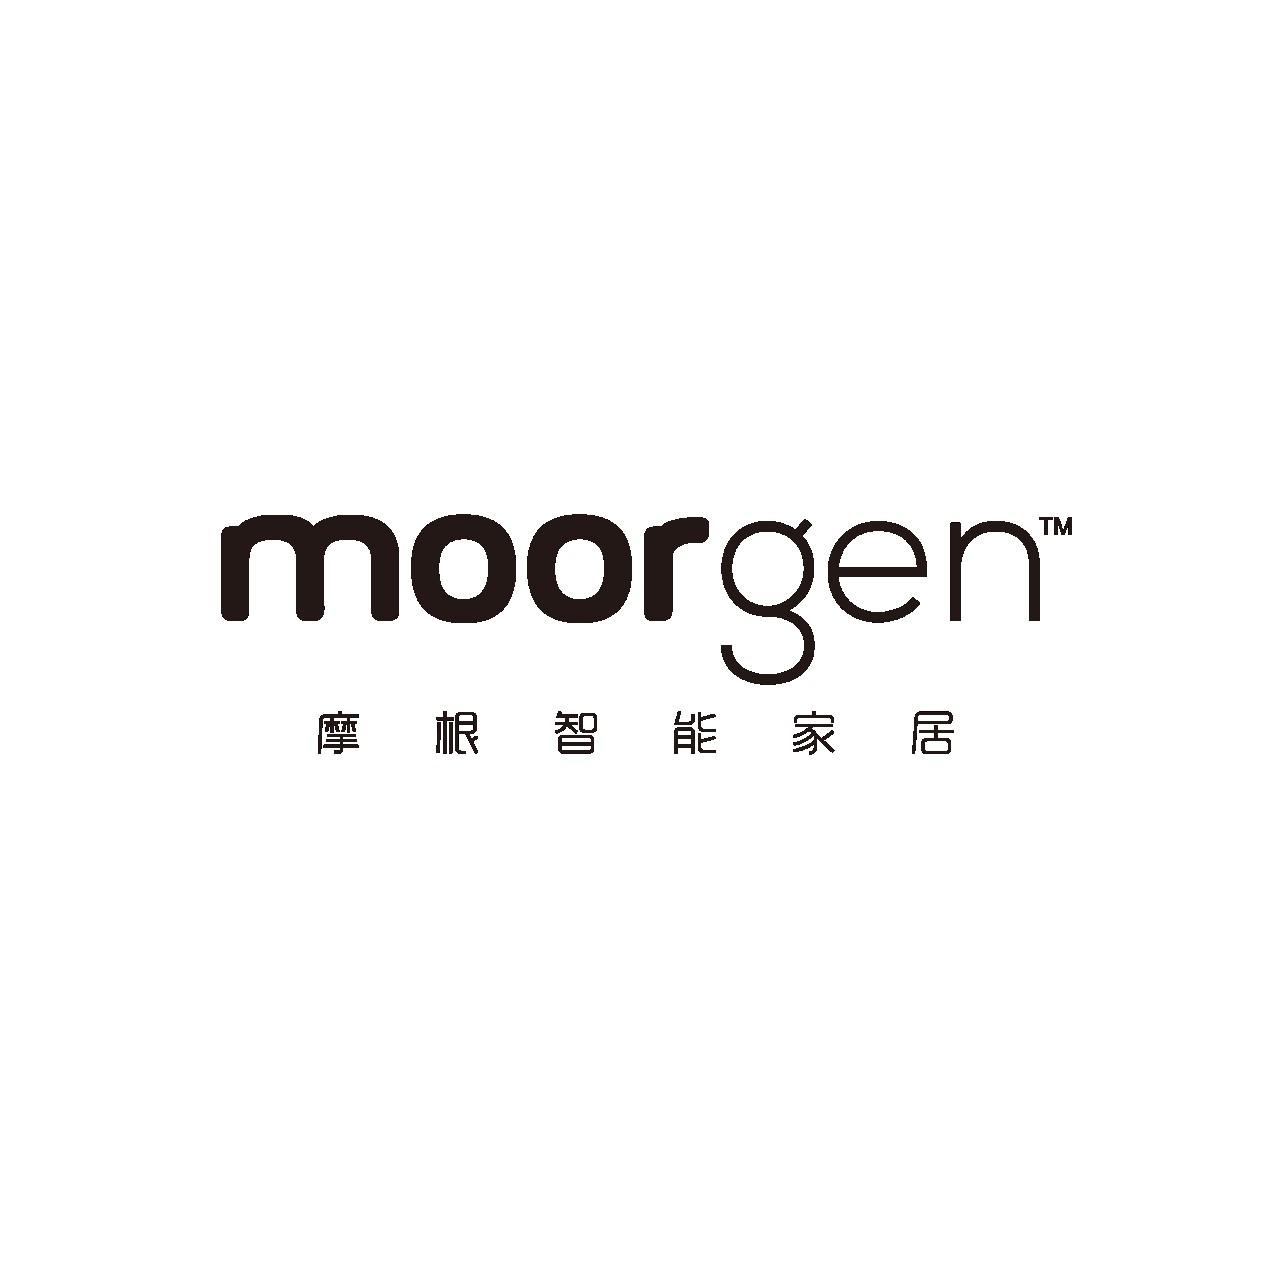 摩根智能:洞察用户需求、解决手机版痛点 打造全屋智能家居领导品牌